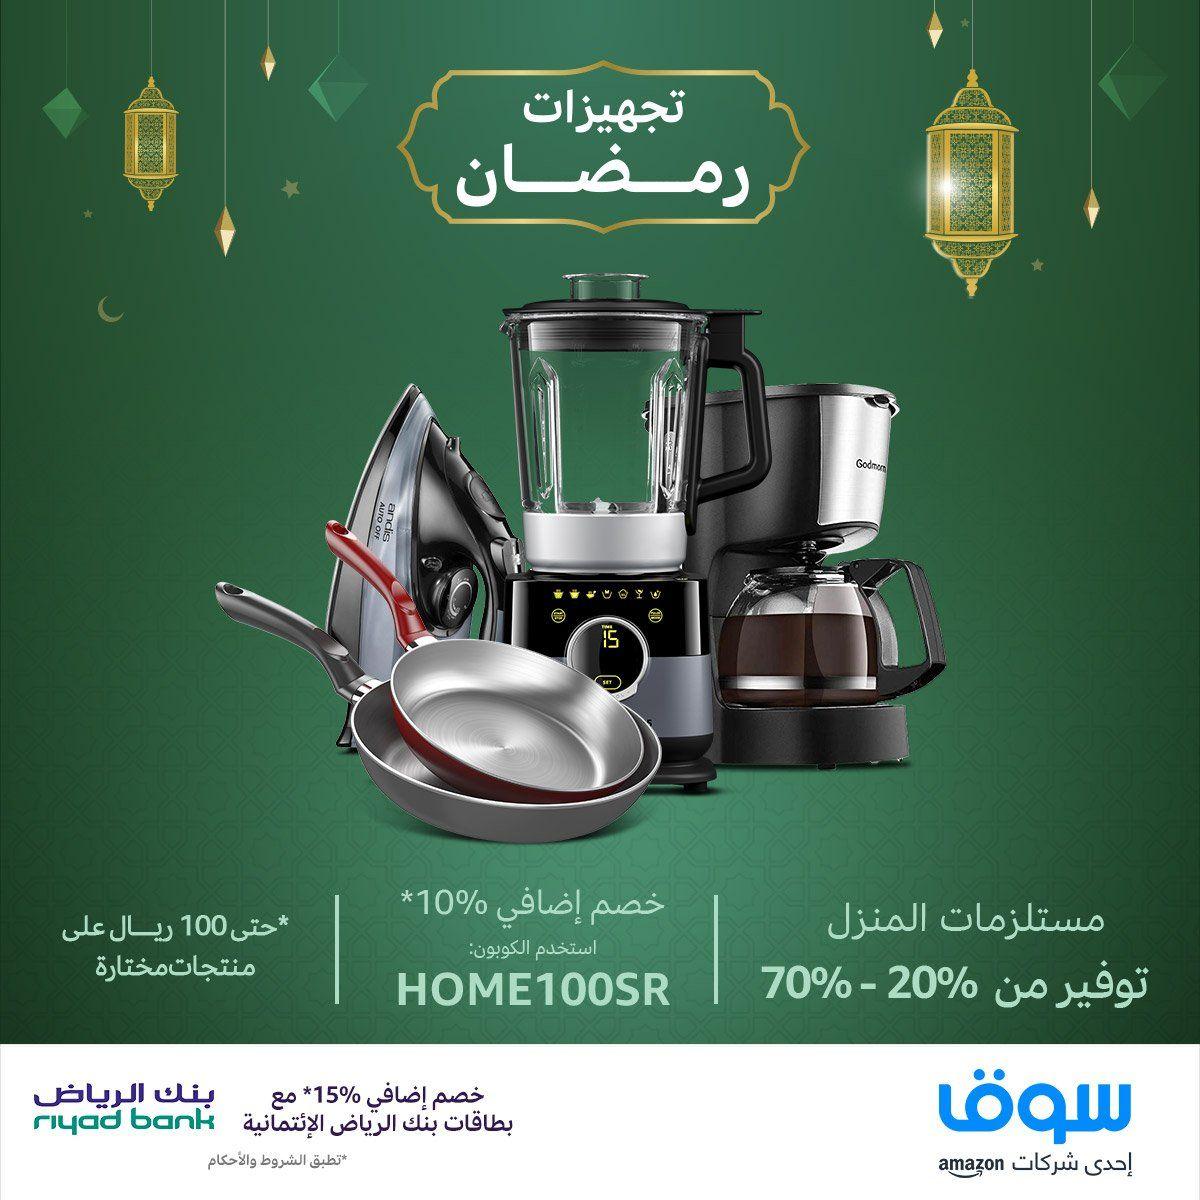 تجهيزات رمضان كوبون خصم إضافي 10 على مستلزمات المنزل والمطبخ Home100sr تسوق من هنا Baby Shop 10 Things Cup